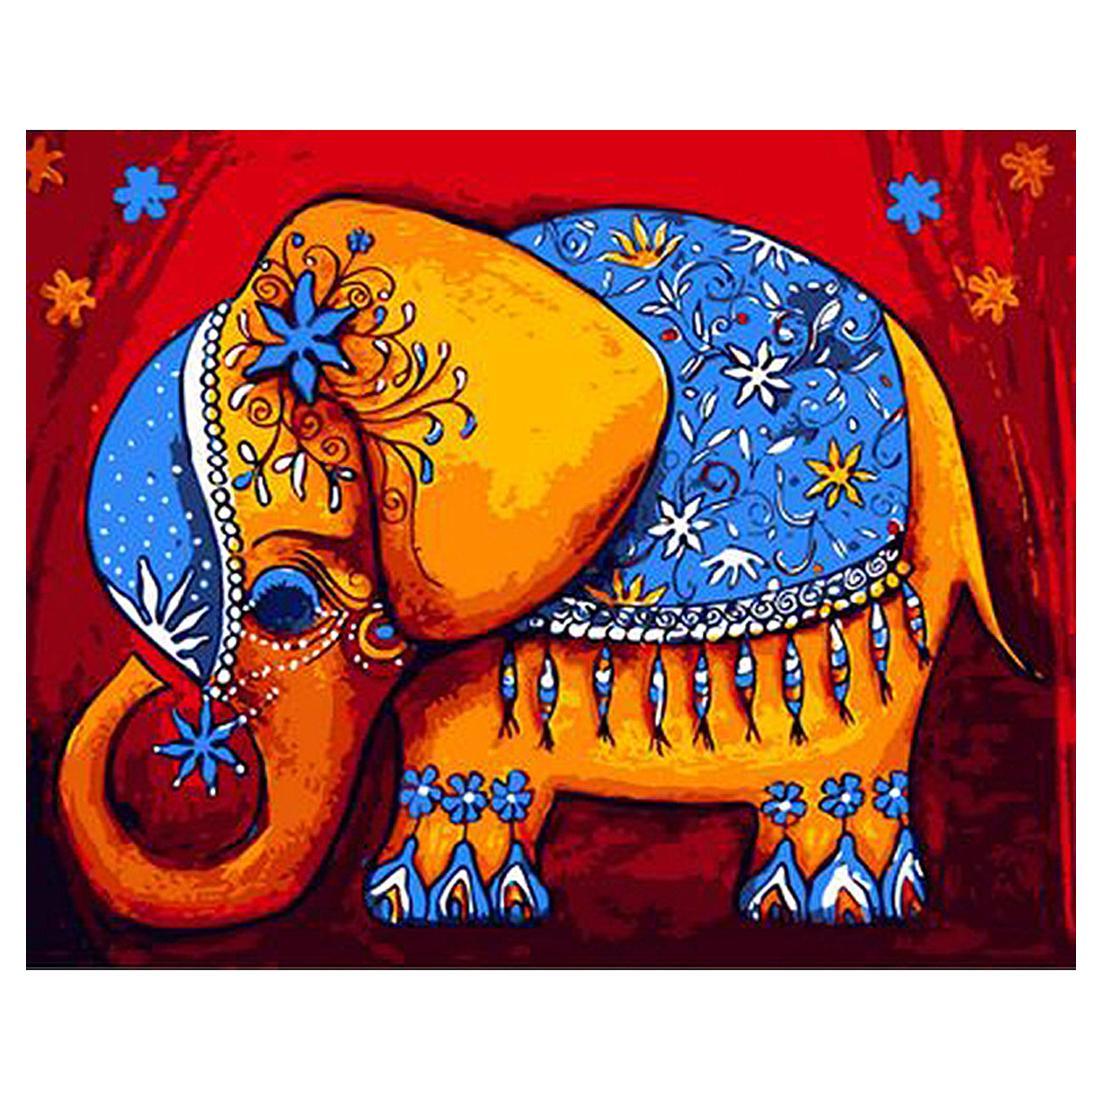 Diy Tiere Leinwand Gemälde Malen Nach Zahlen Mit Acrylfarben Pinsel Mit Oder Ohne Rahmen Für Erwachsene Anfänger Kinder Cartoon Elefant